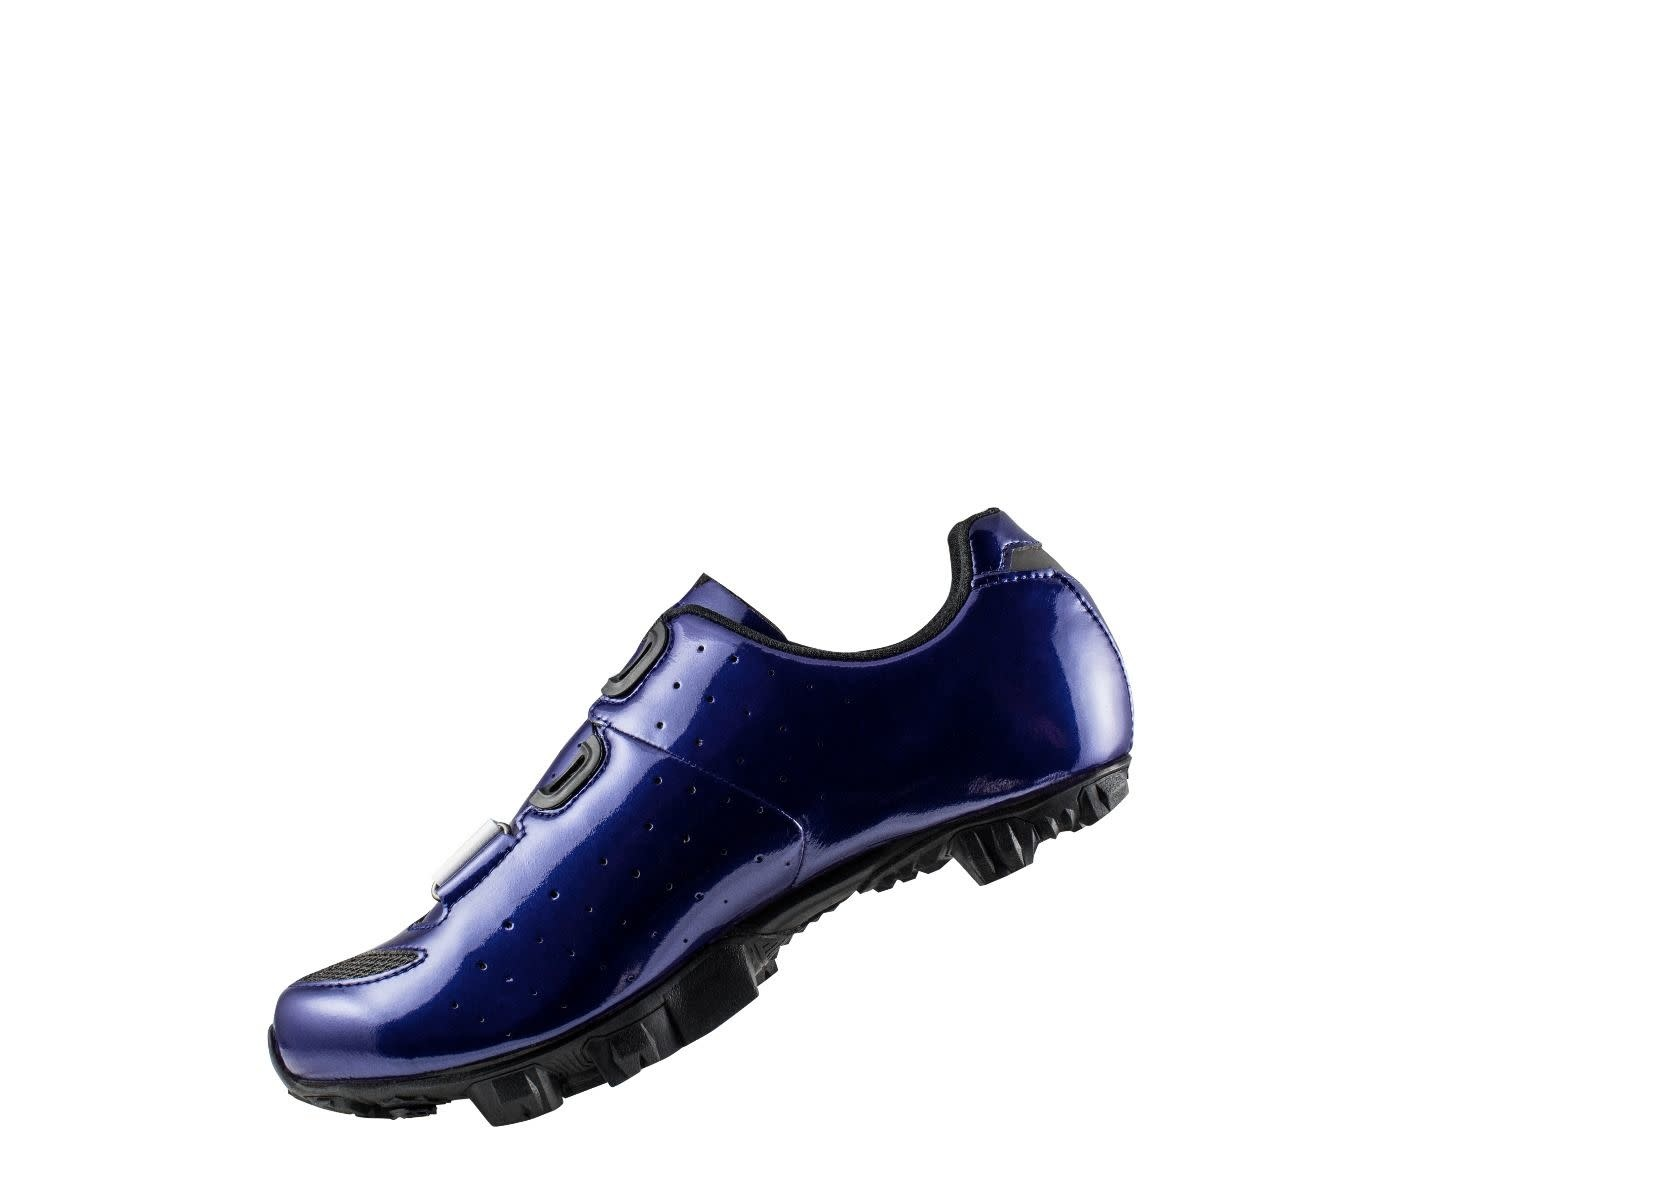 LAKE Lake MX176 Navy Blue/White 44 Cycling Shoes